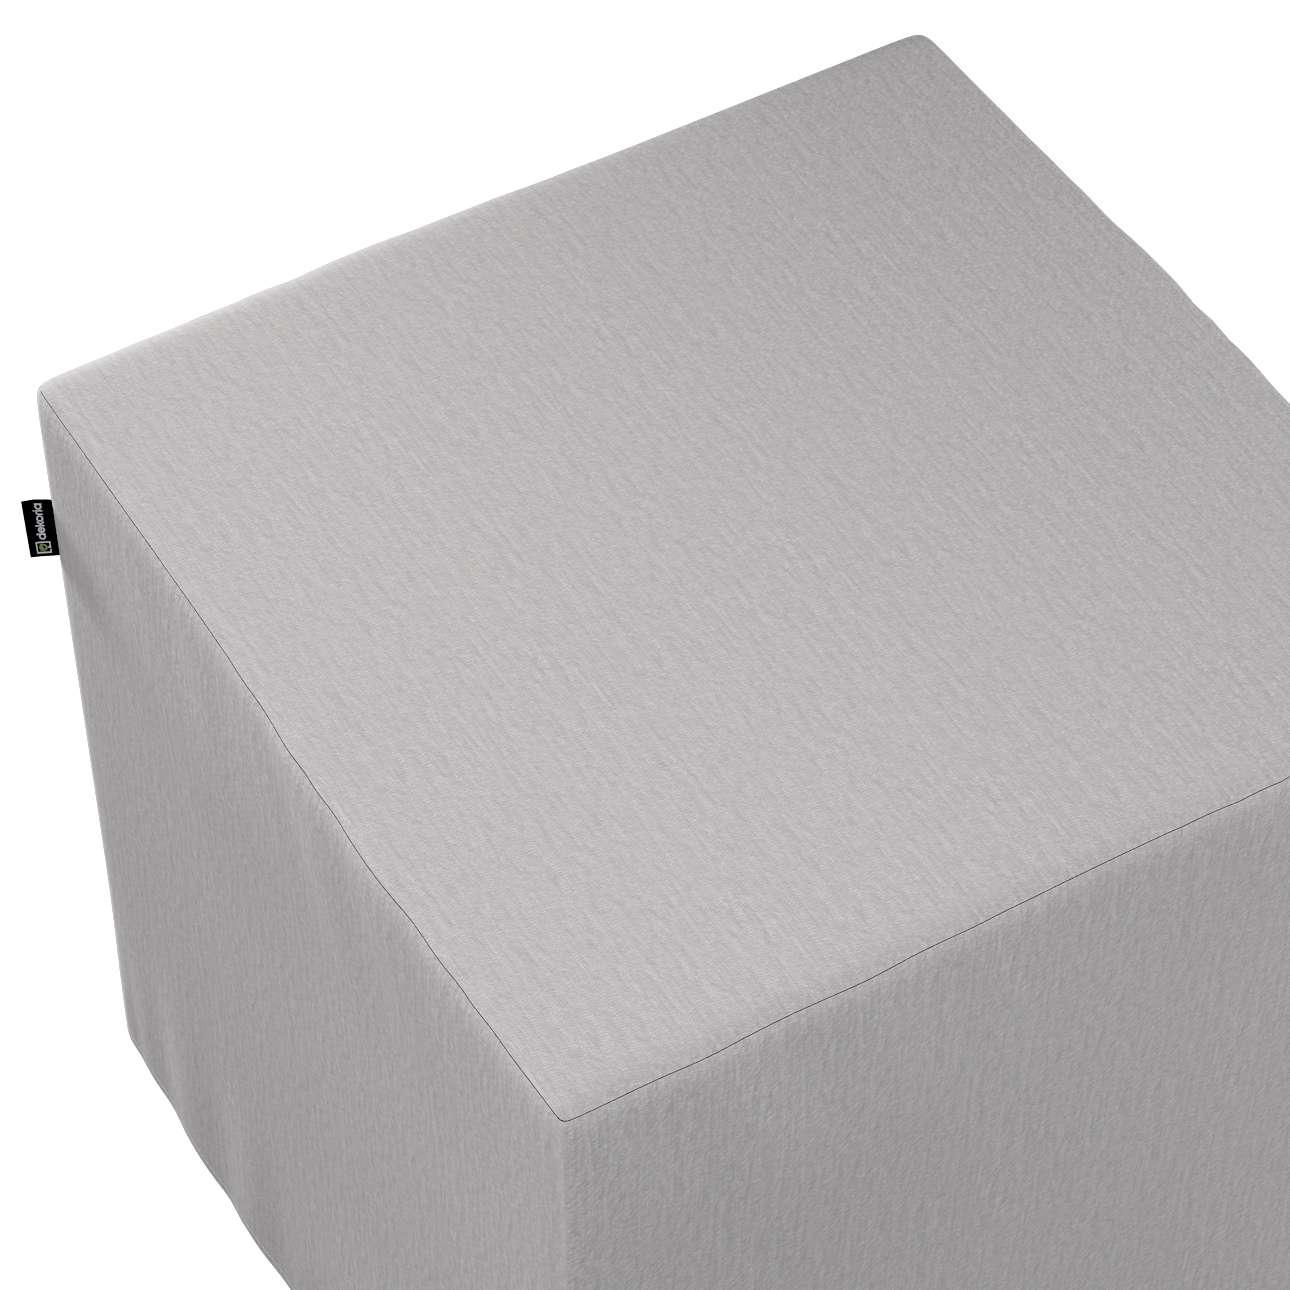 Pokrowiec na pufę kostkę w kolekcji Chenille, tkanina: 702-23